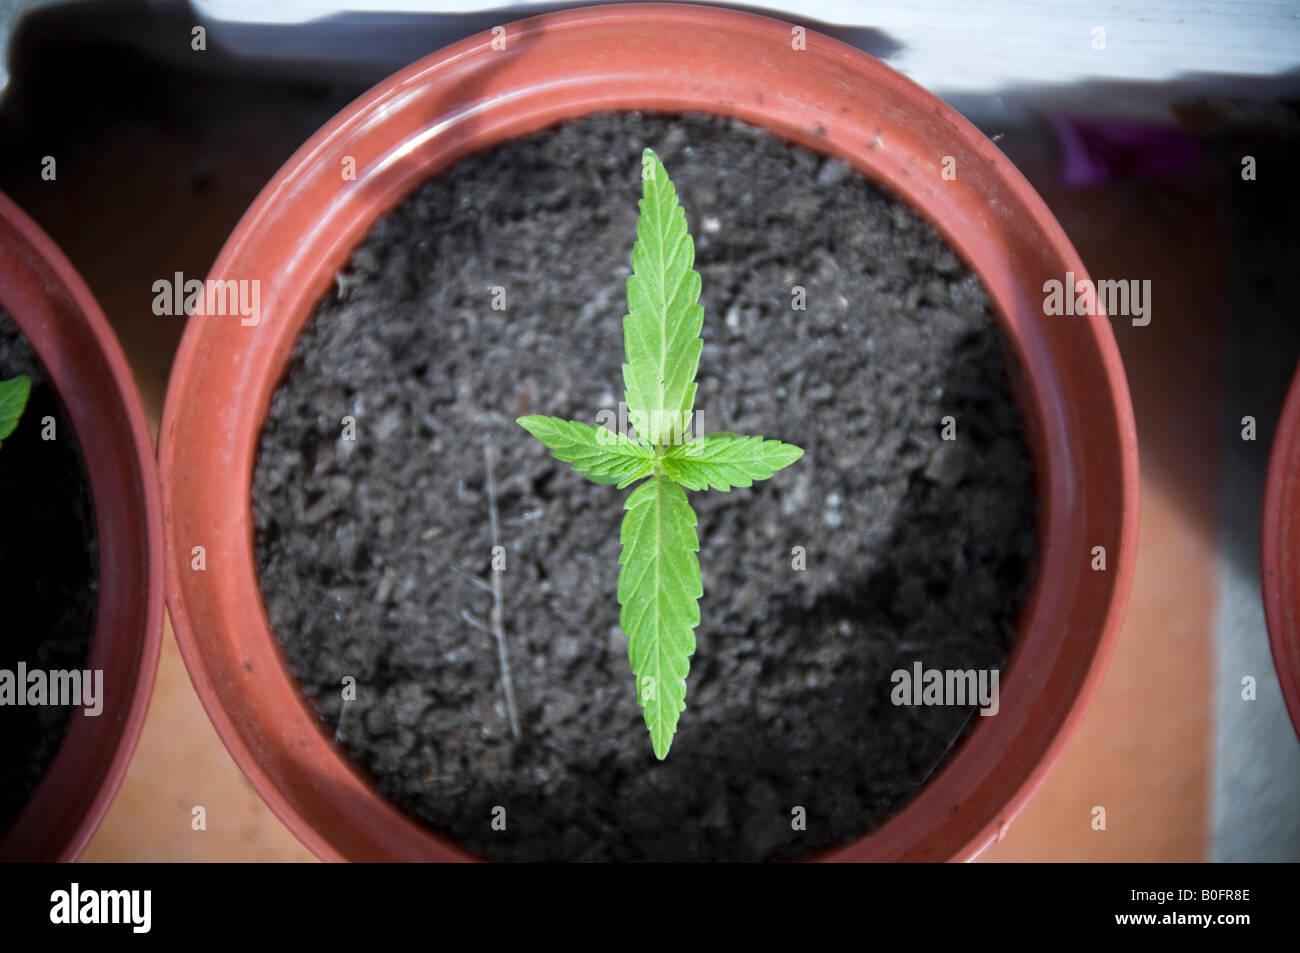 08 08 08 Vejer De La Frontera Andalusien Spanien Cannabis Anbau Foto Simon Grosset Stockbild